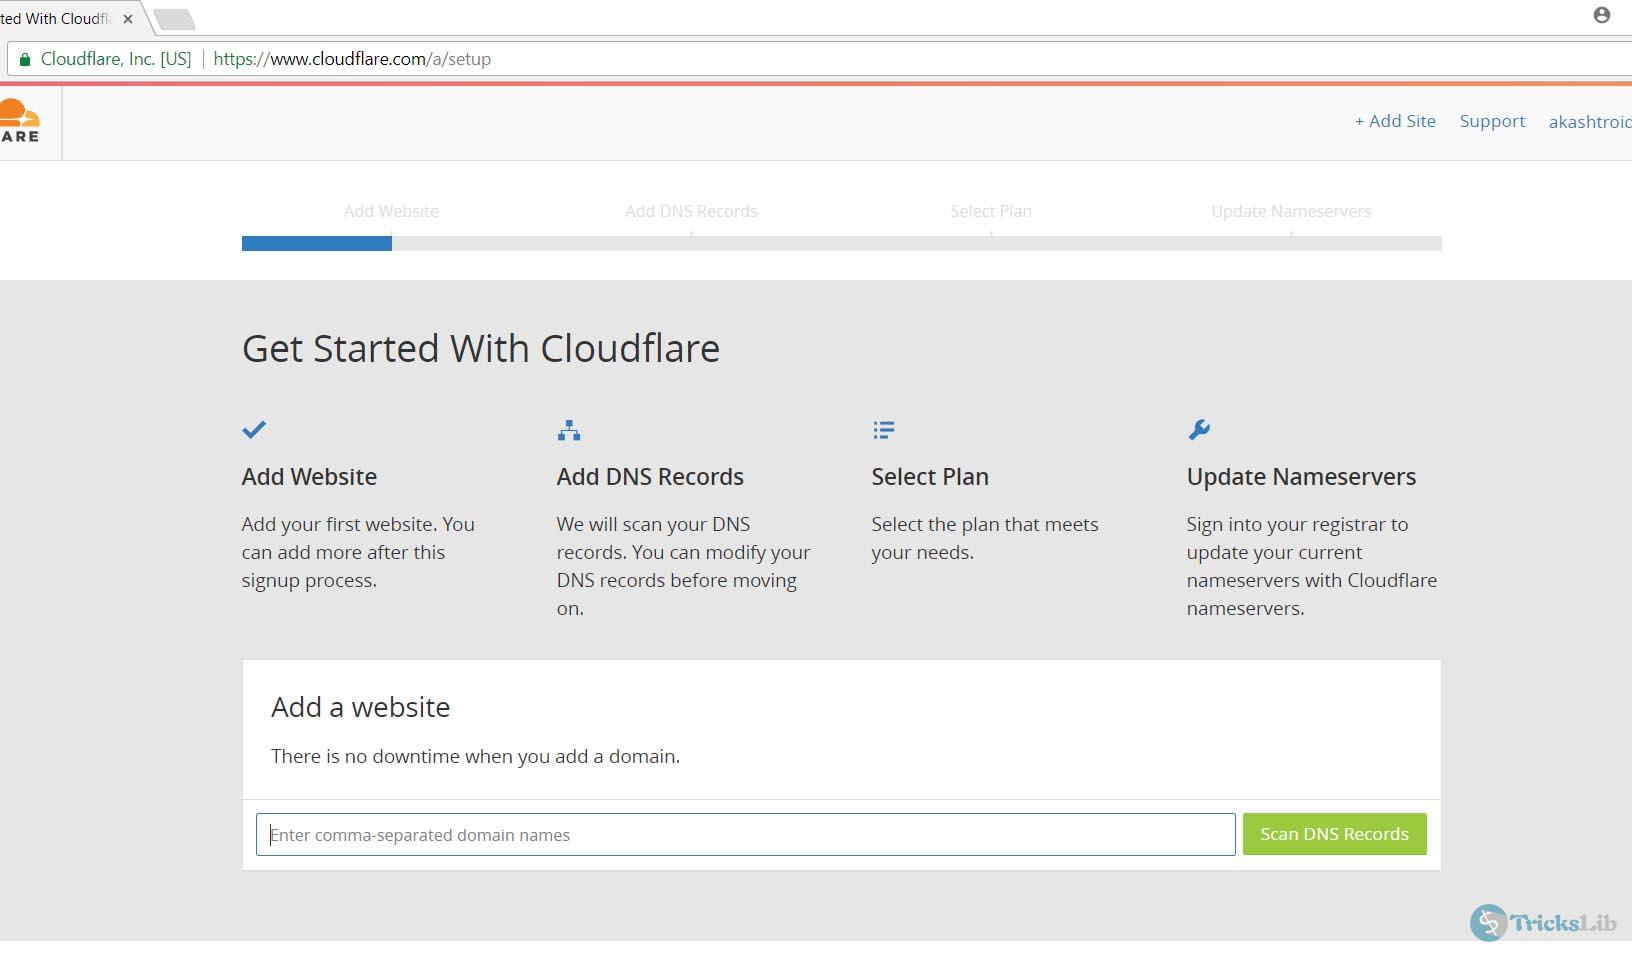 cloudflare setup begins